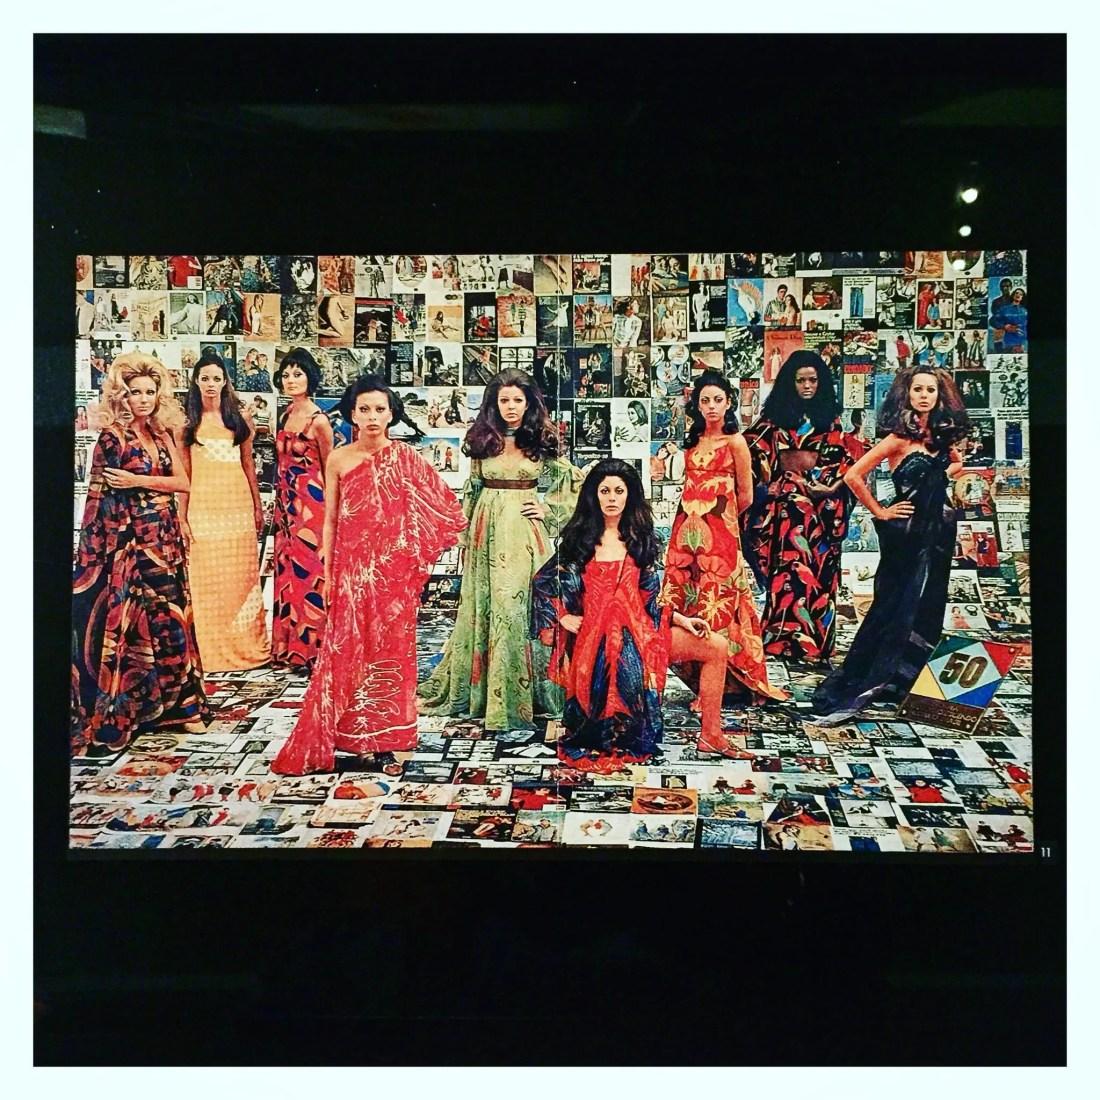 exposición moda brasilera